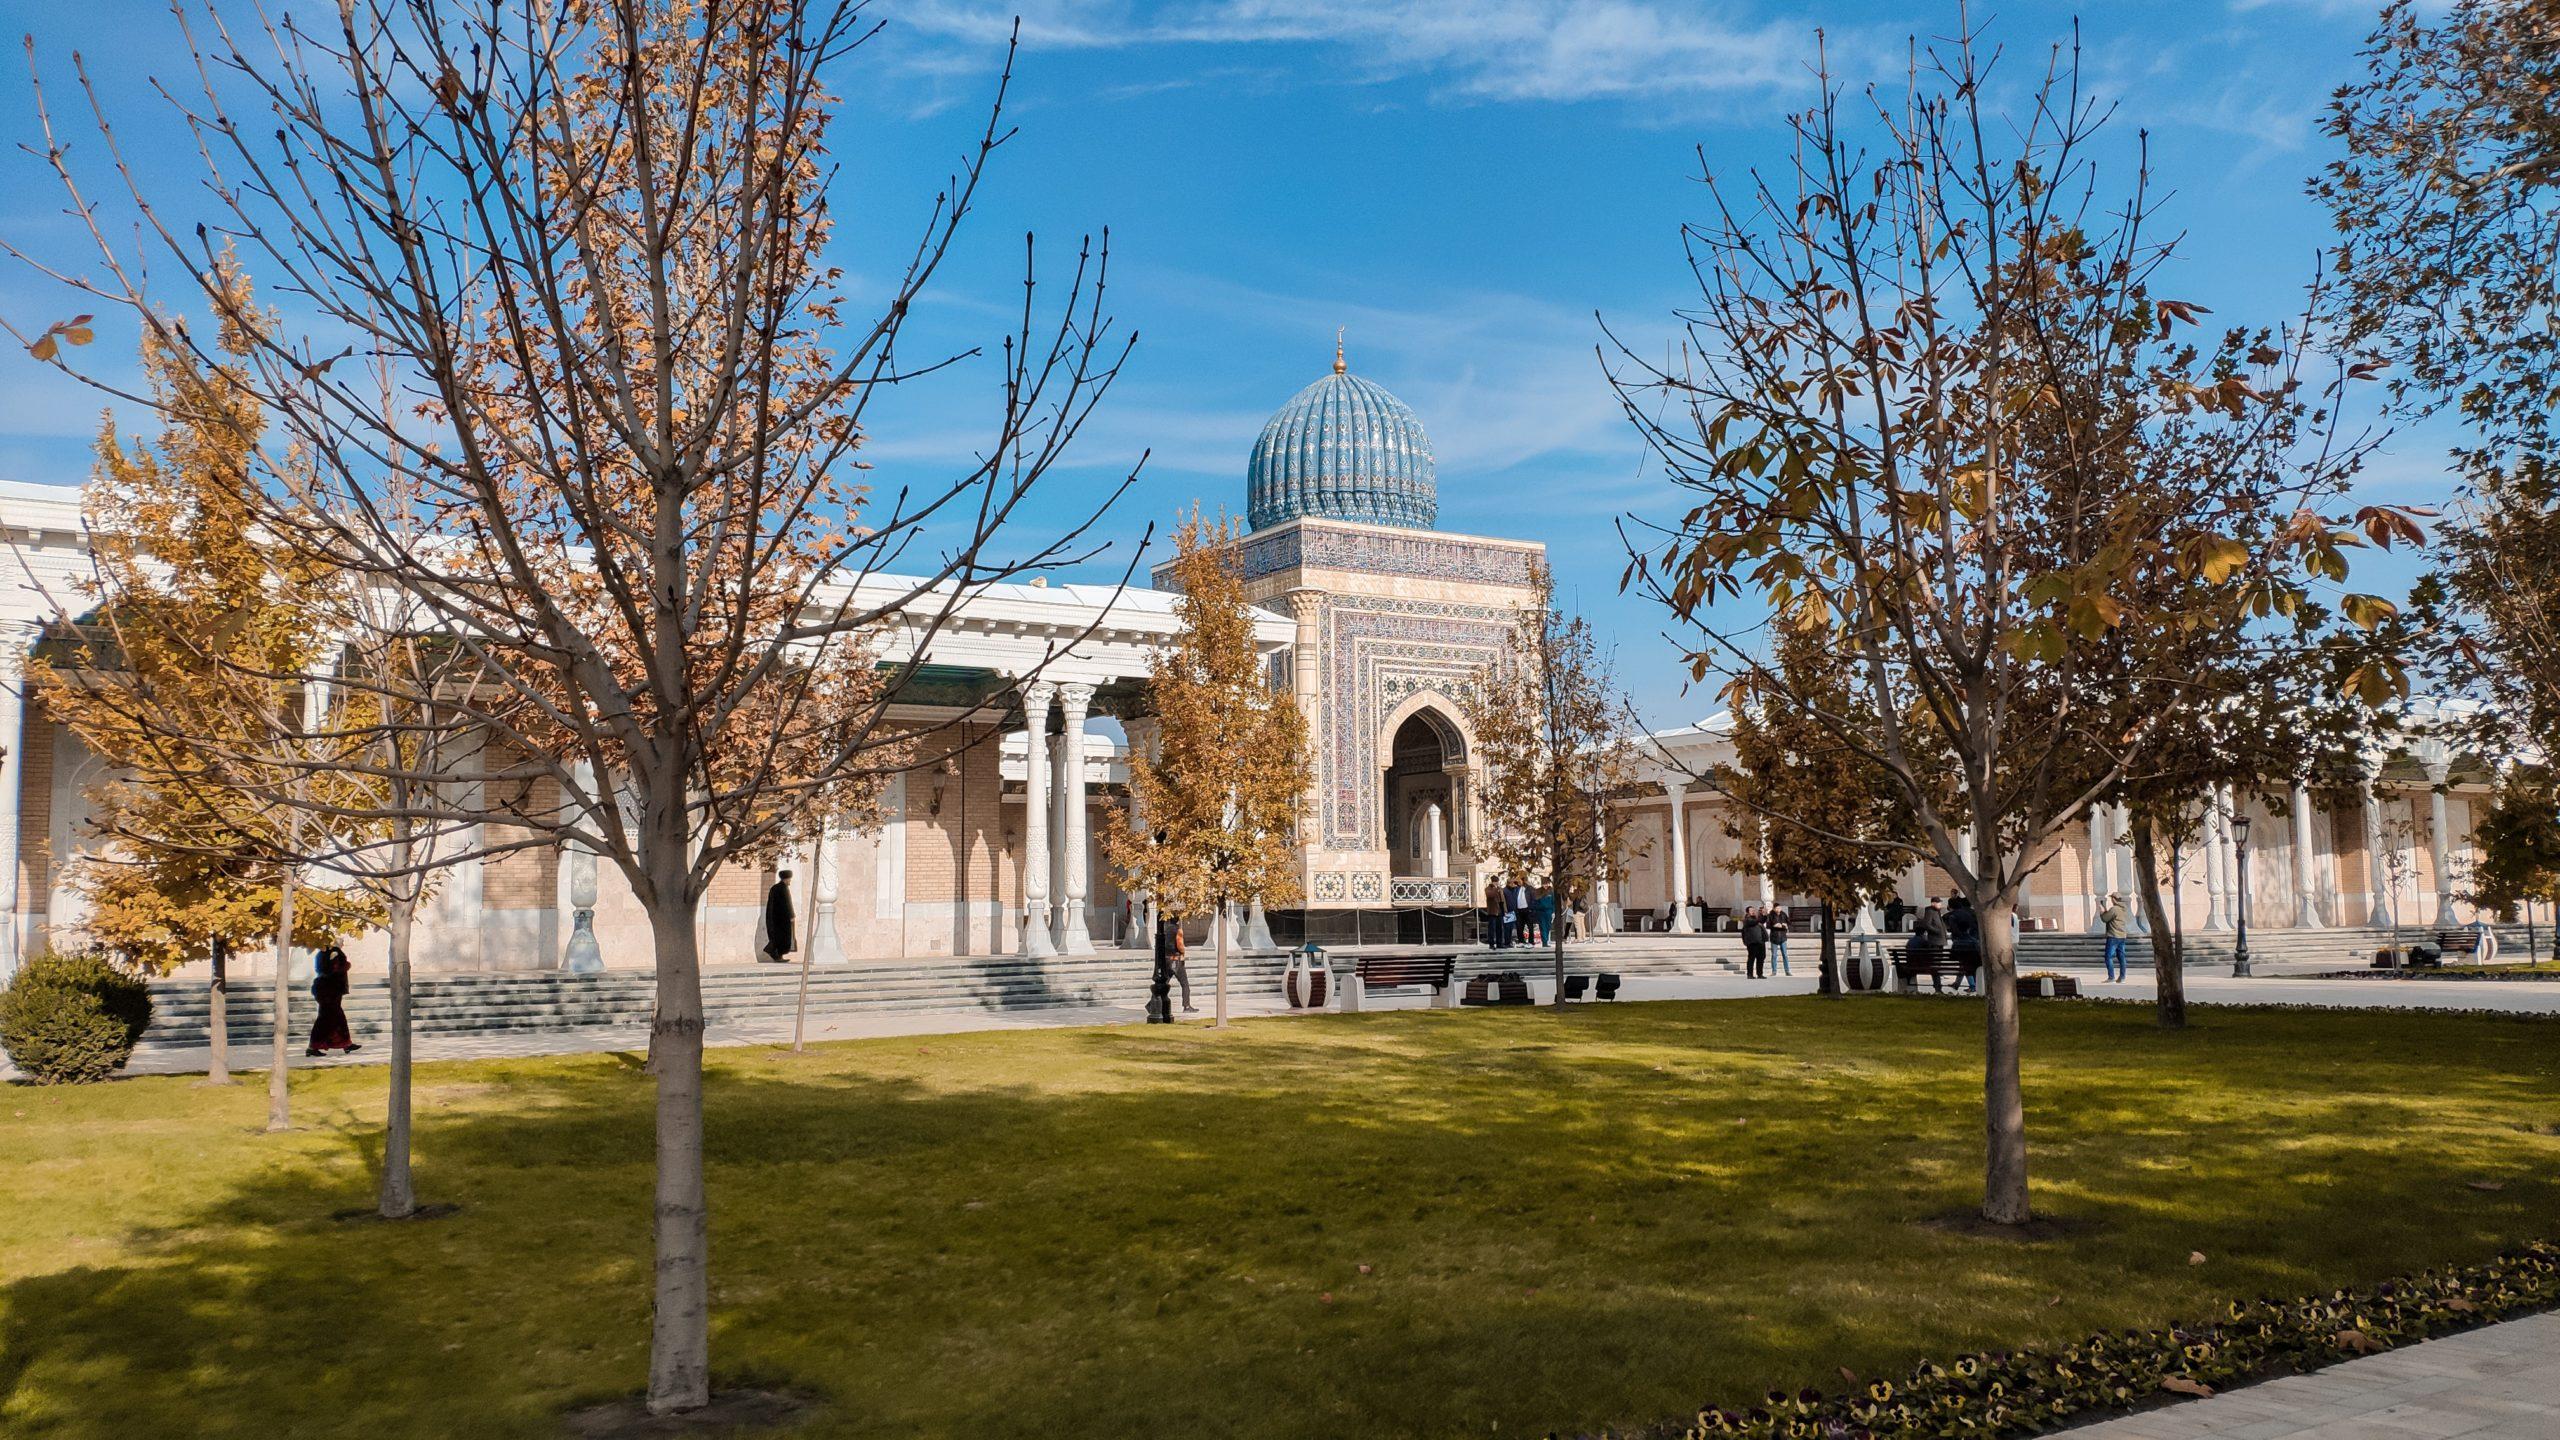 استكشف معنا الكنوز المعمارية الرائعة في سمرقند